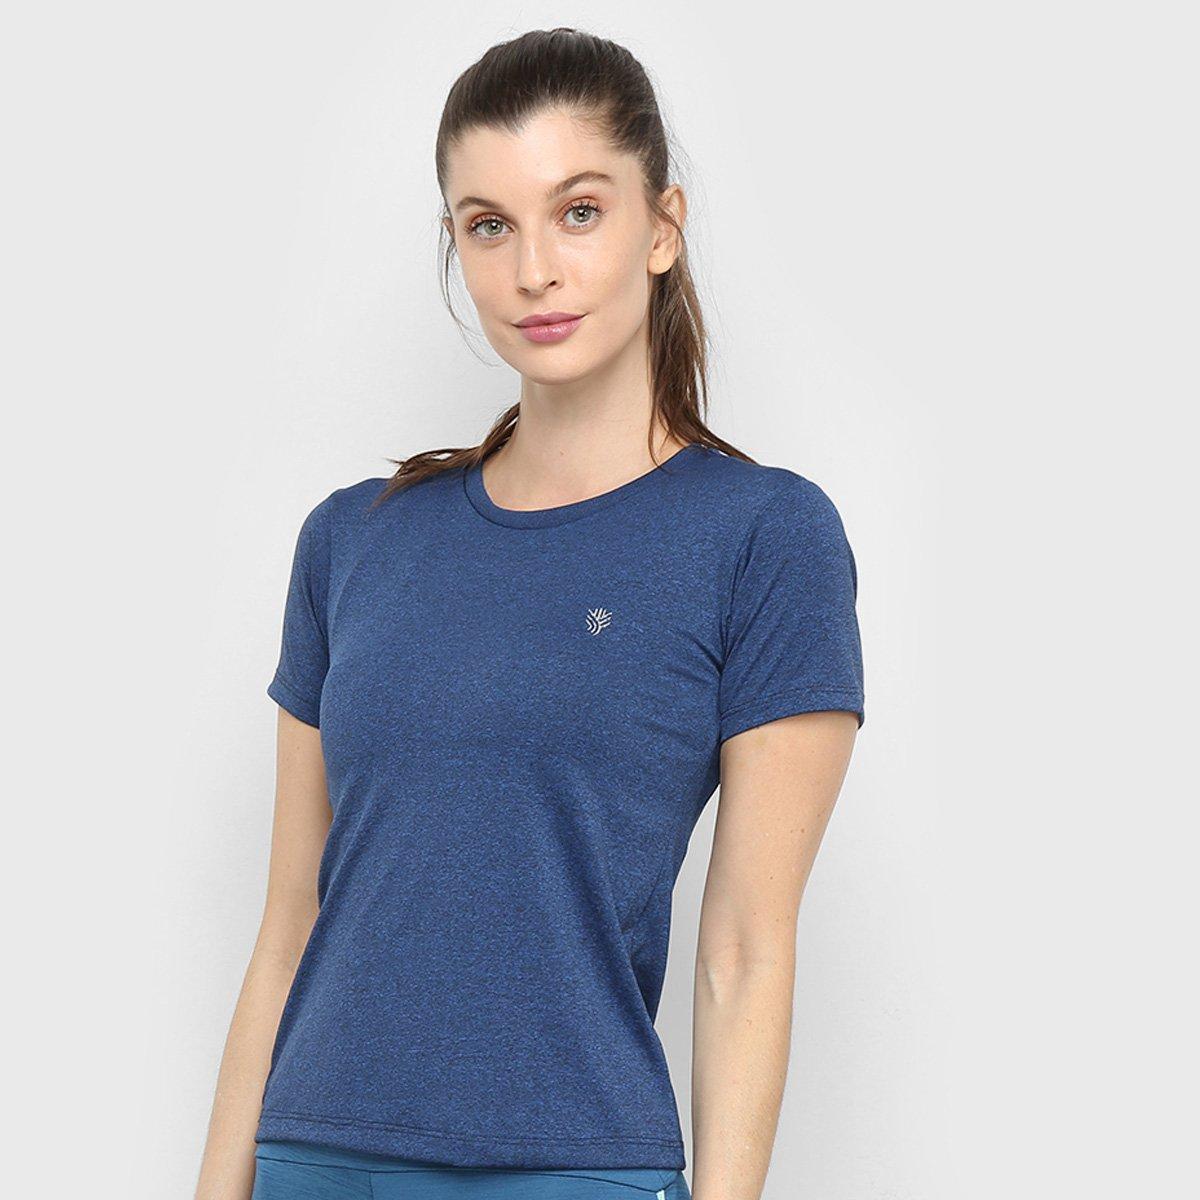 Camiseta Gonew Mescla Fast Feminina